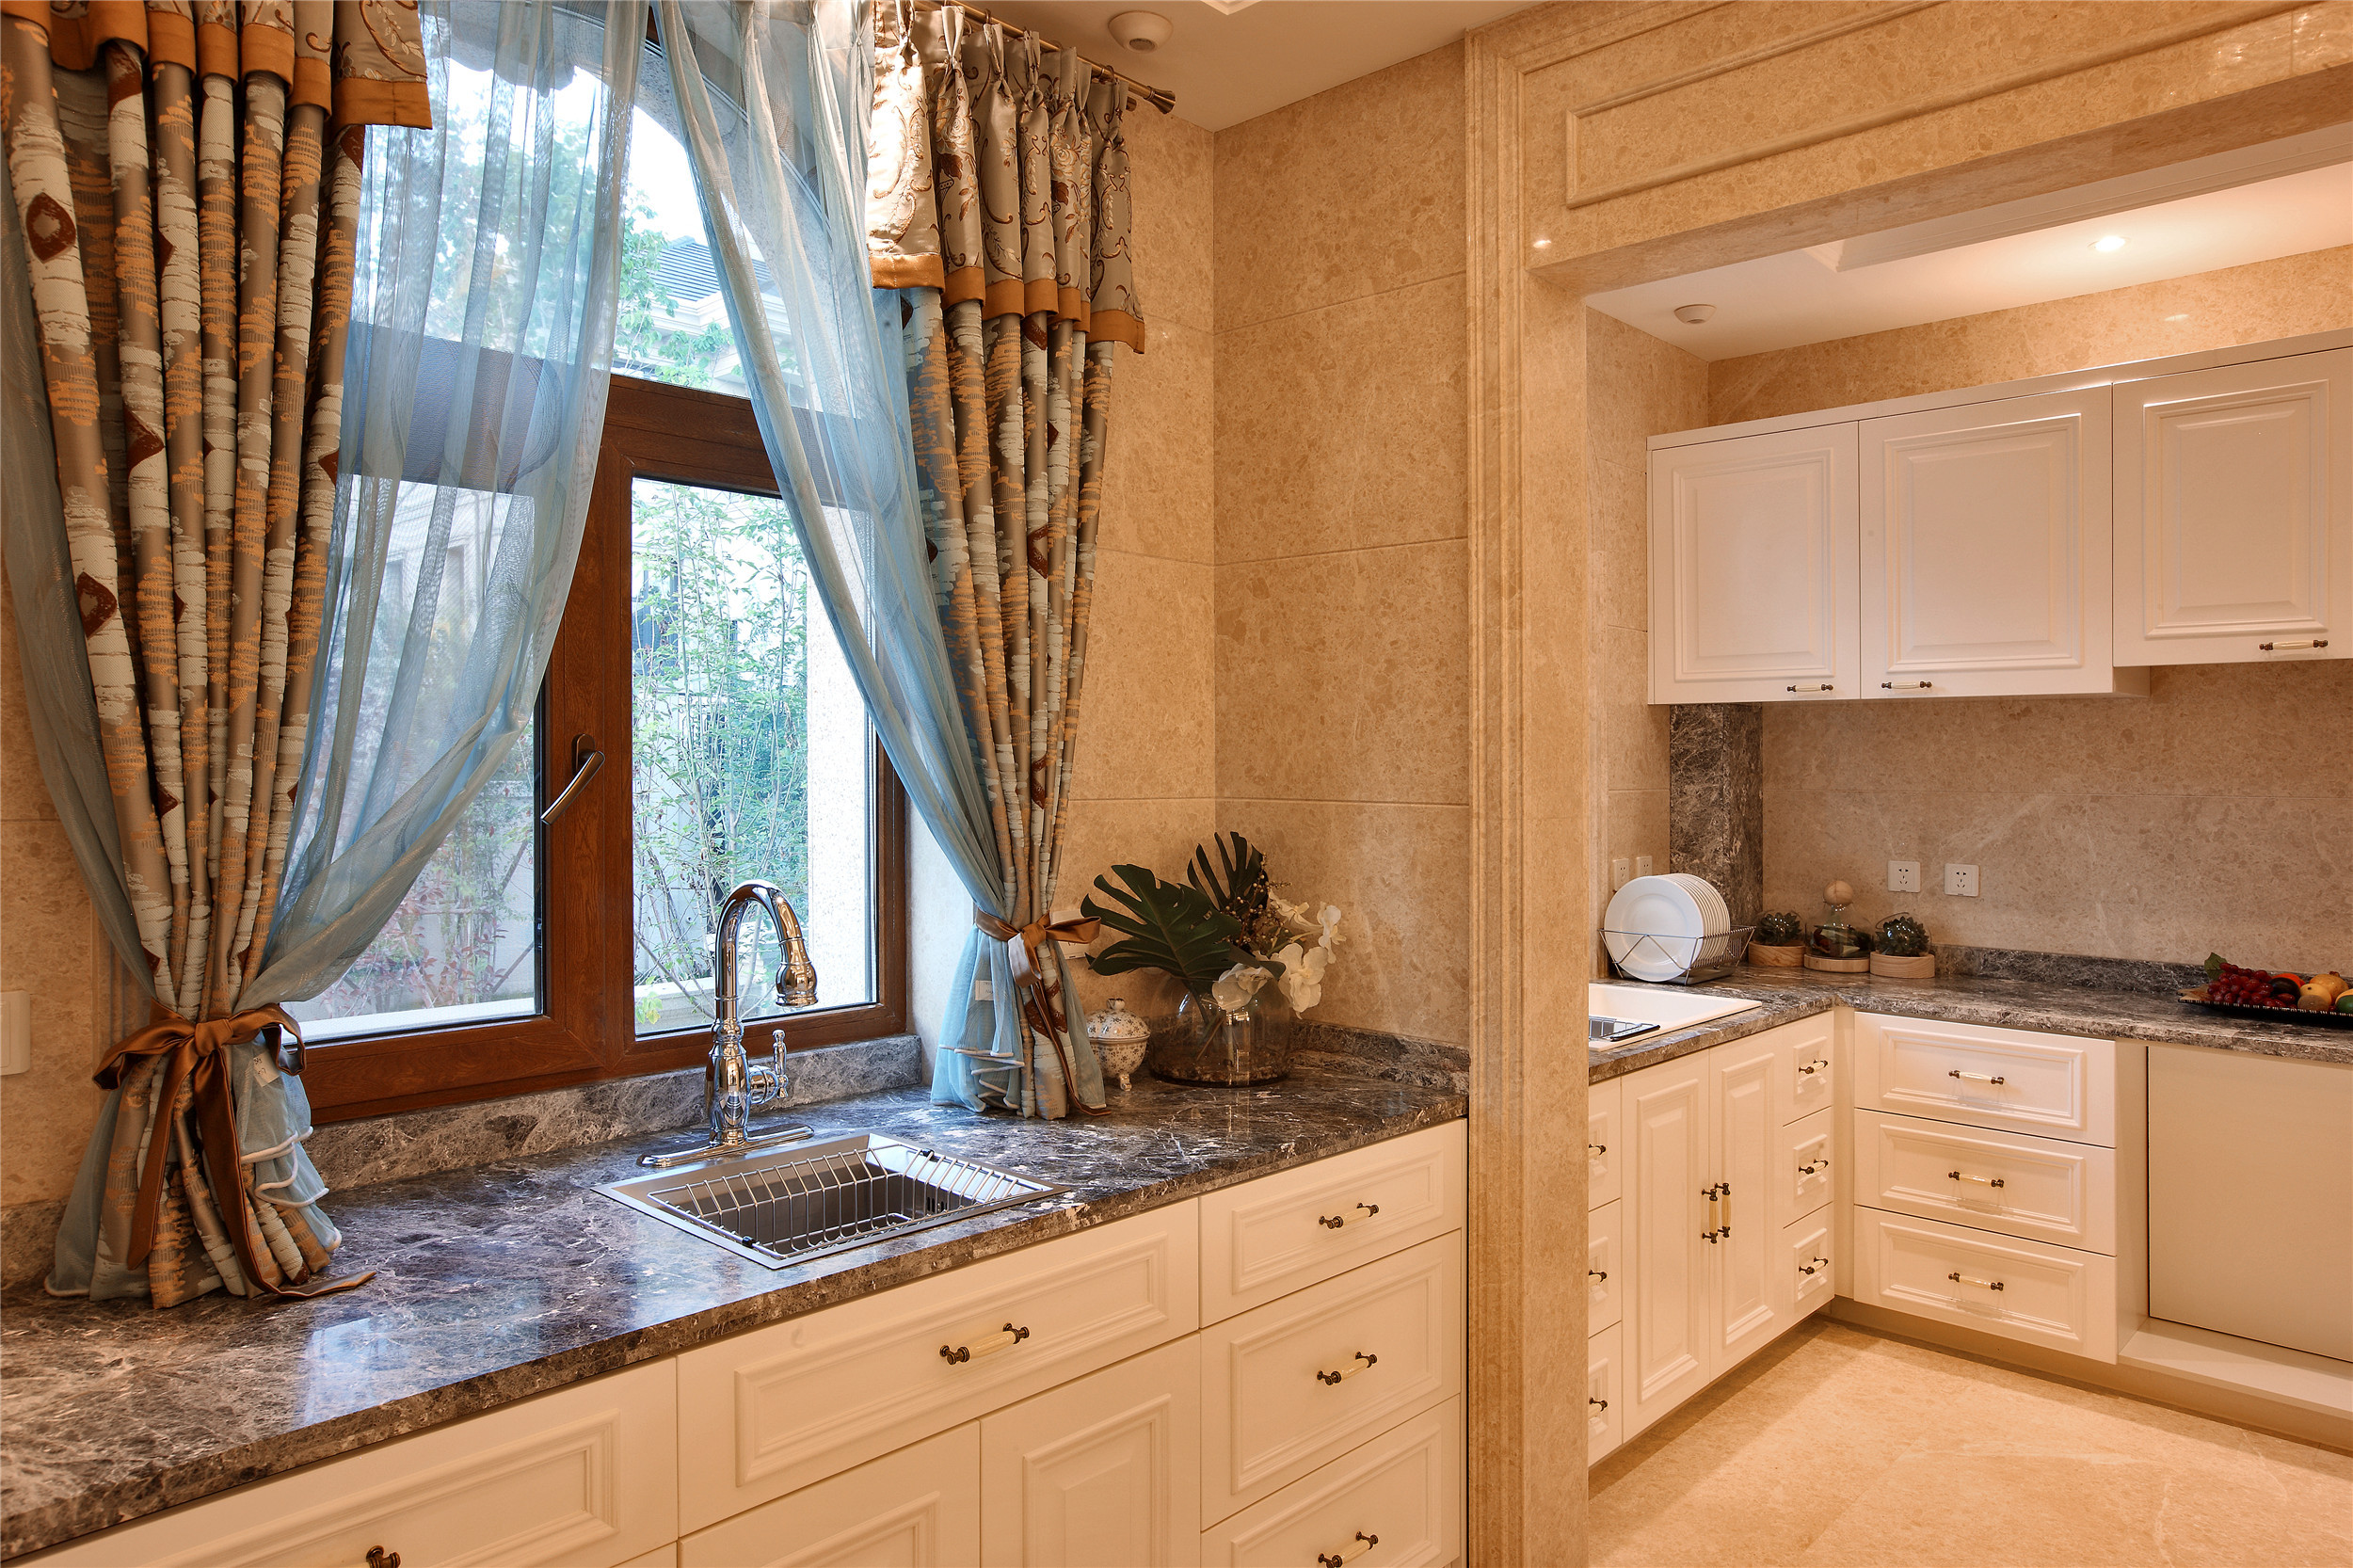 奢华别墅样板房装修厨房设计图